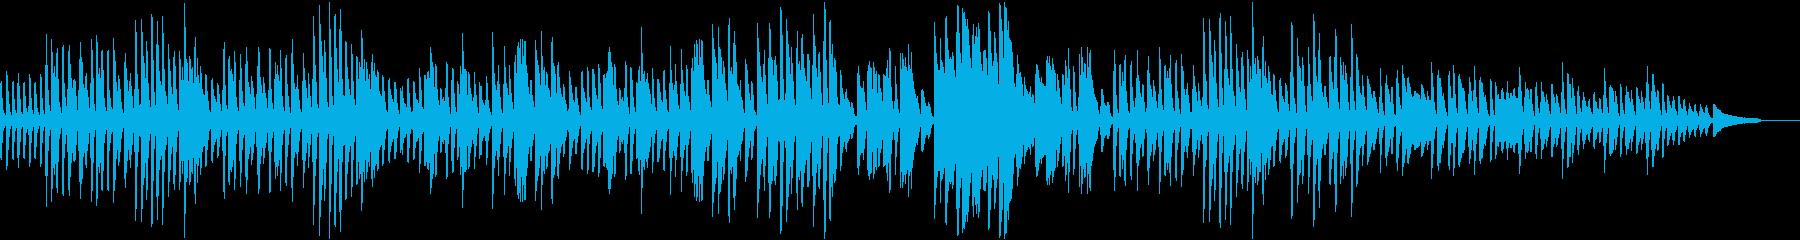 楽興の時 第三番/シューベルトの再生済みの波形